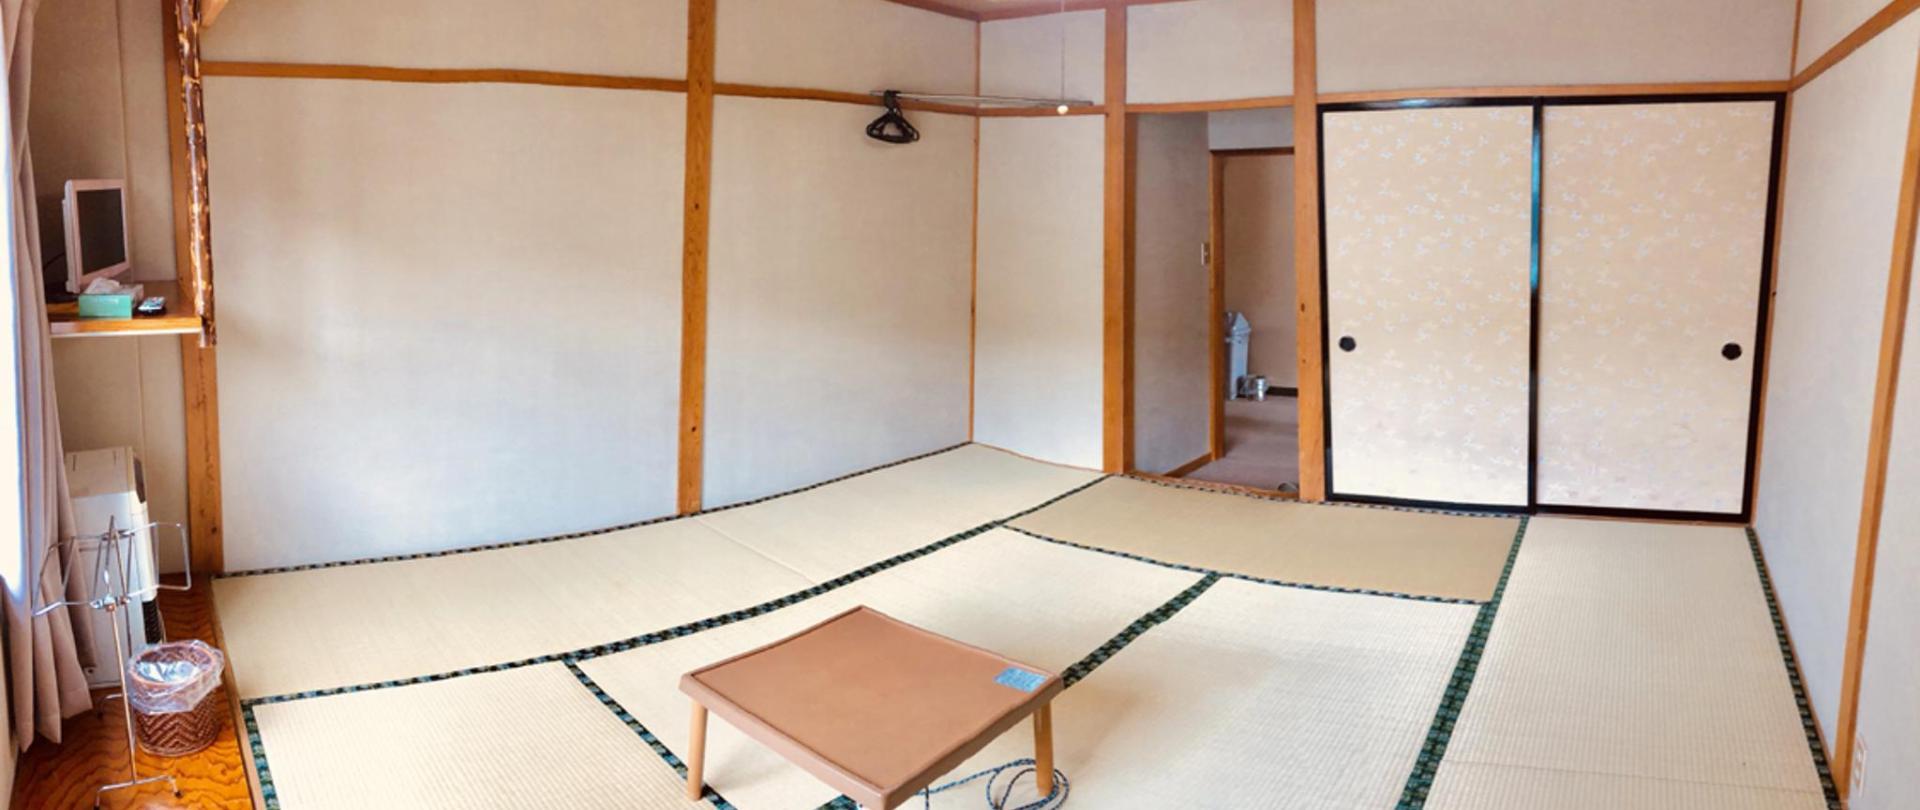 日式山景榻榻米家庭房.jpg